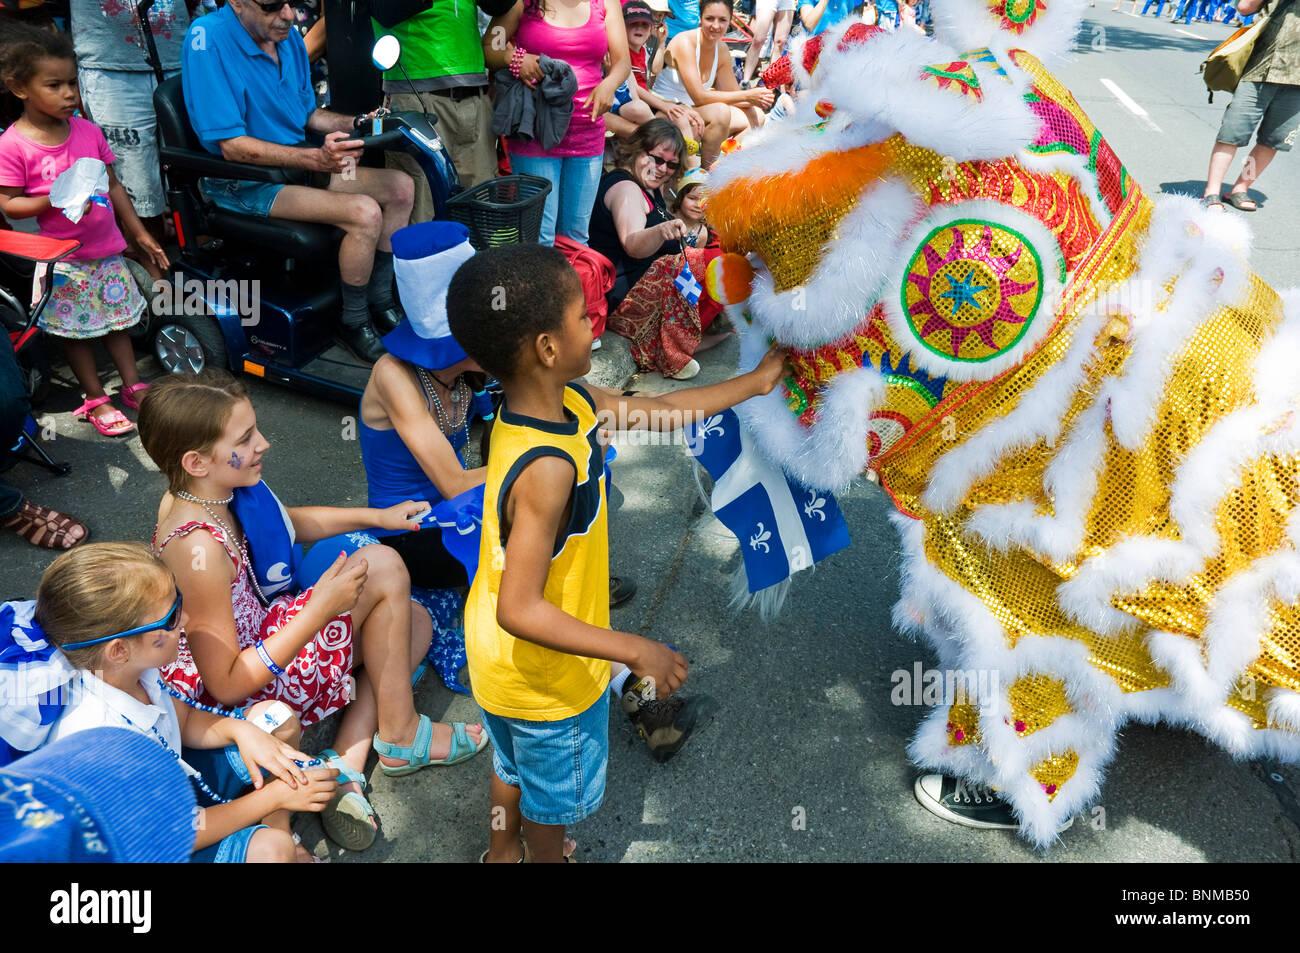 Comunidad China celebra St Jean Baptiste día multicultural y vibrante ciudad de Montreal, Canadá Imagen De Stock